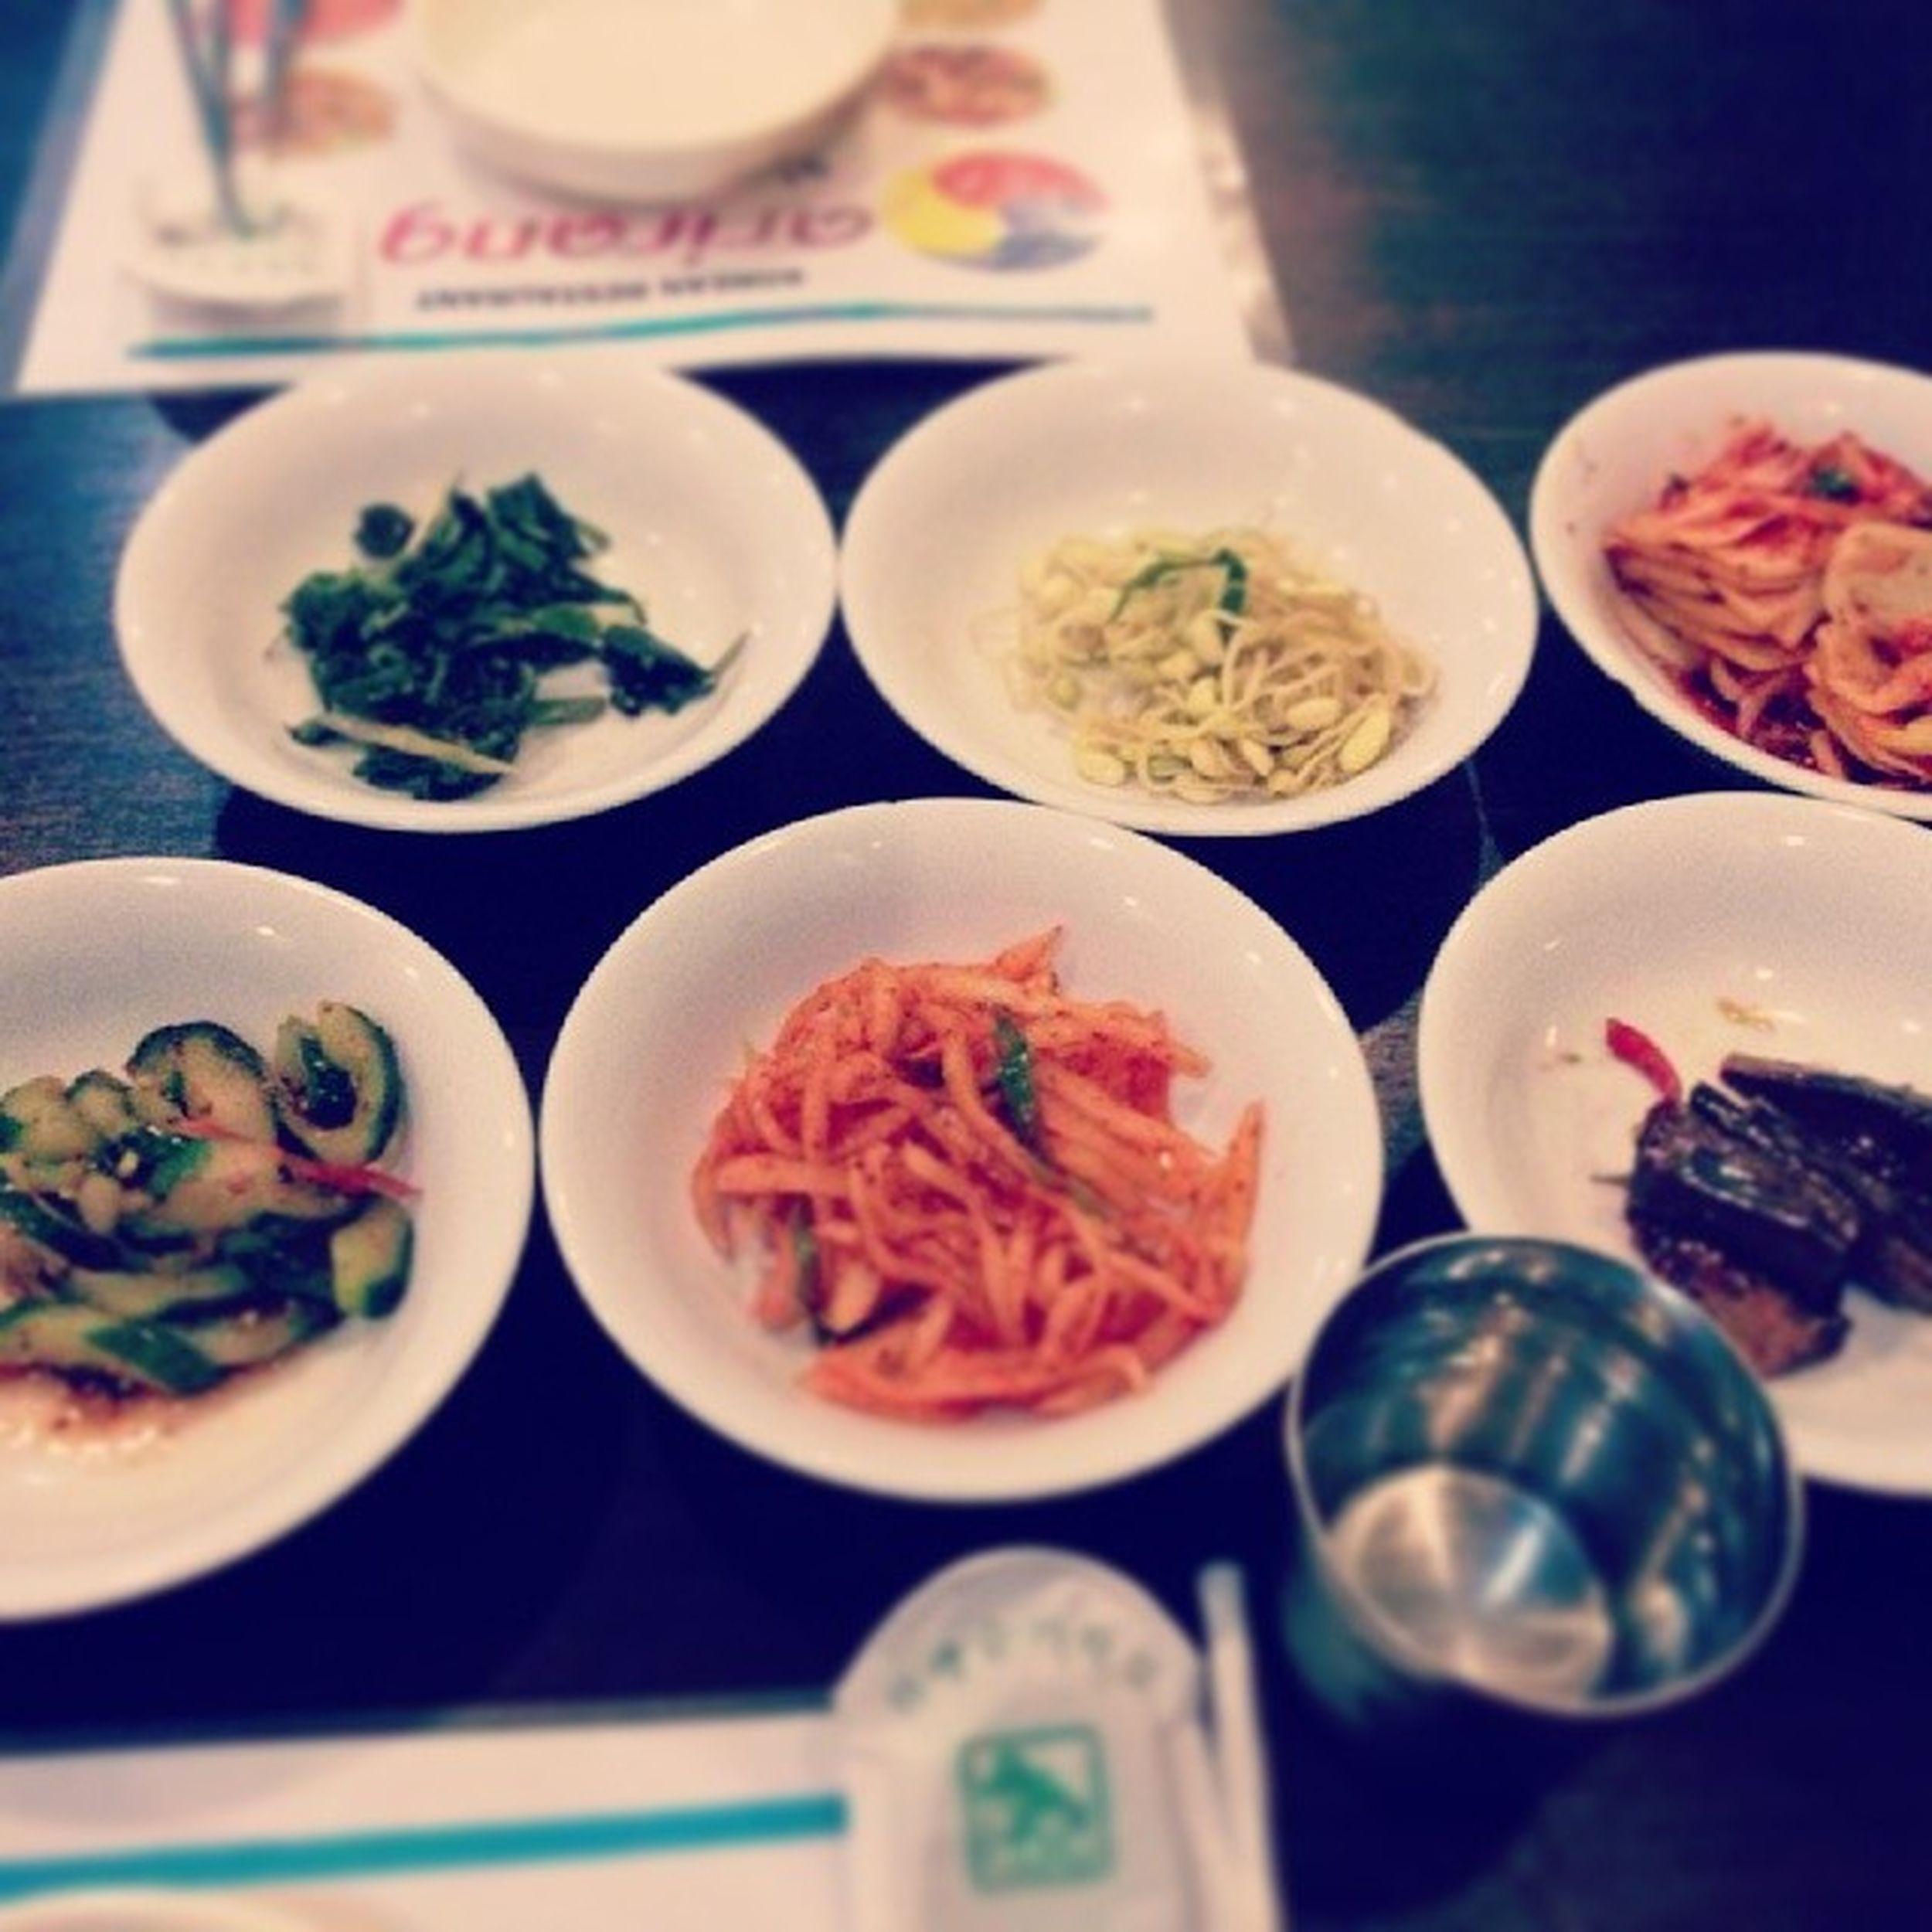 Banchan at Arirang Resto Bali koreanfood yum